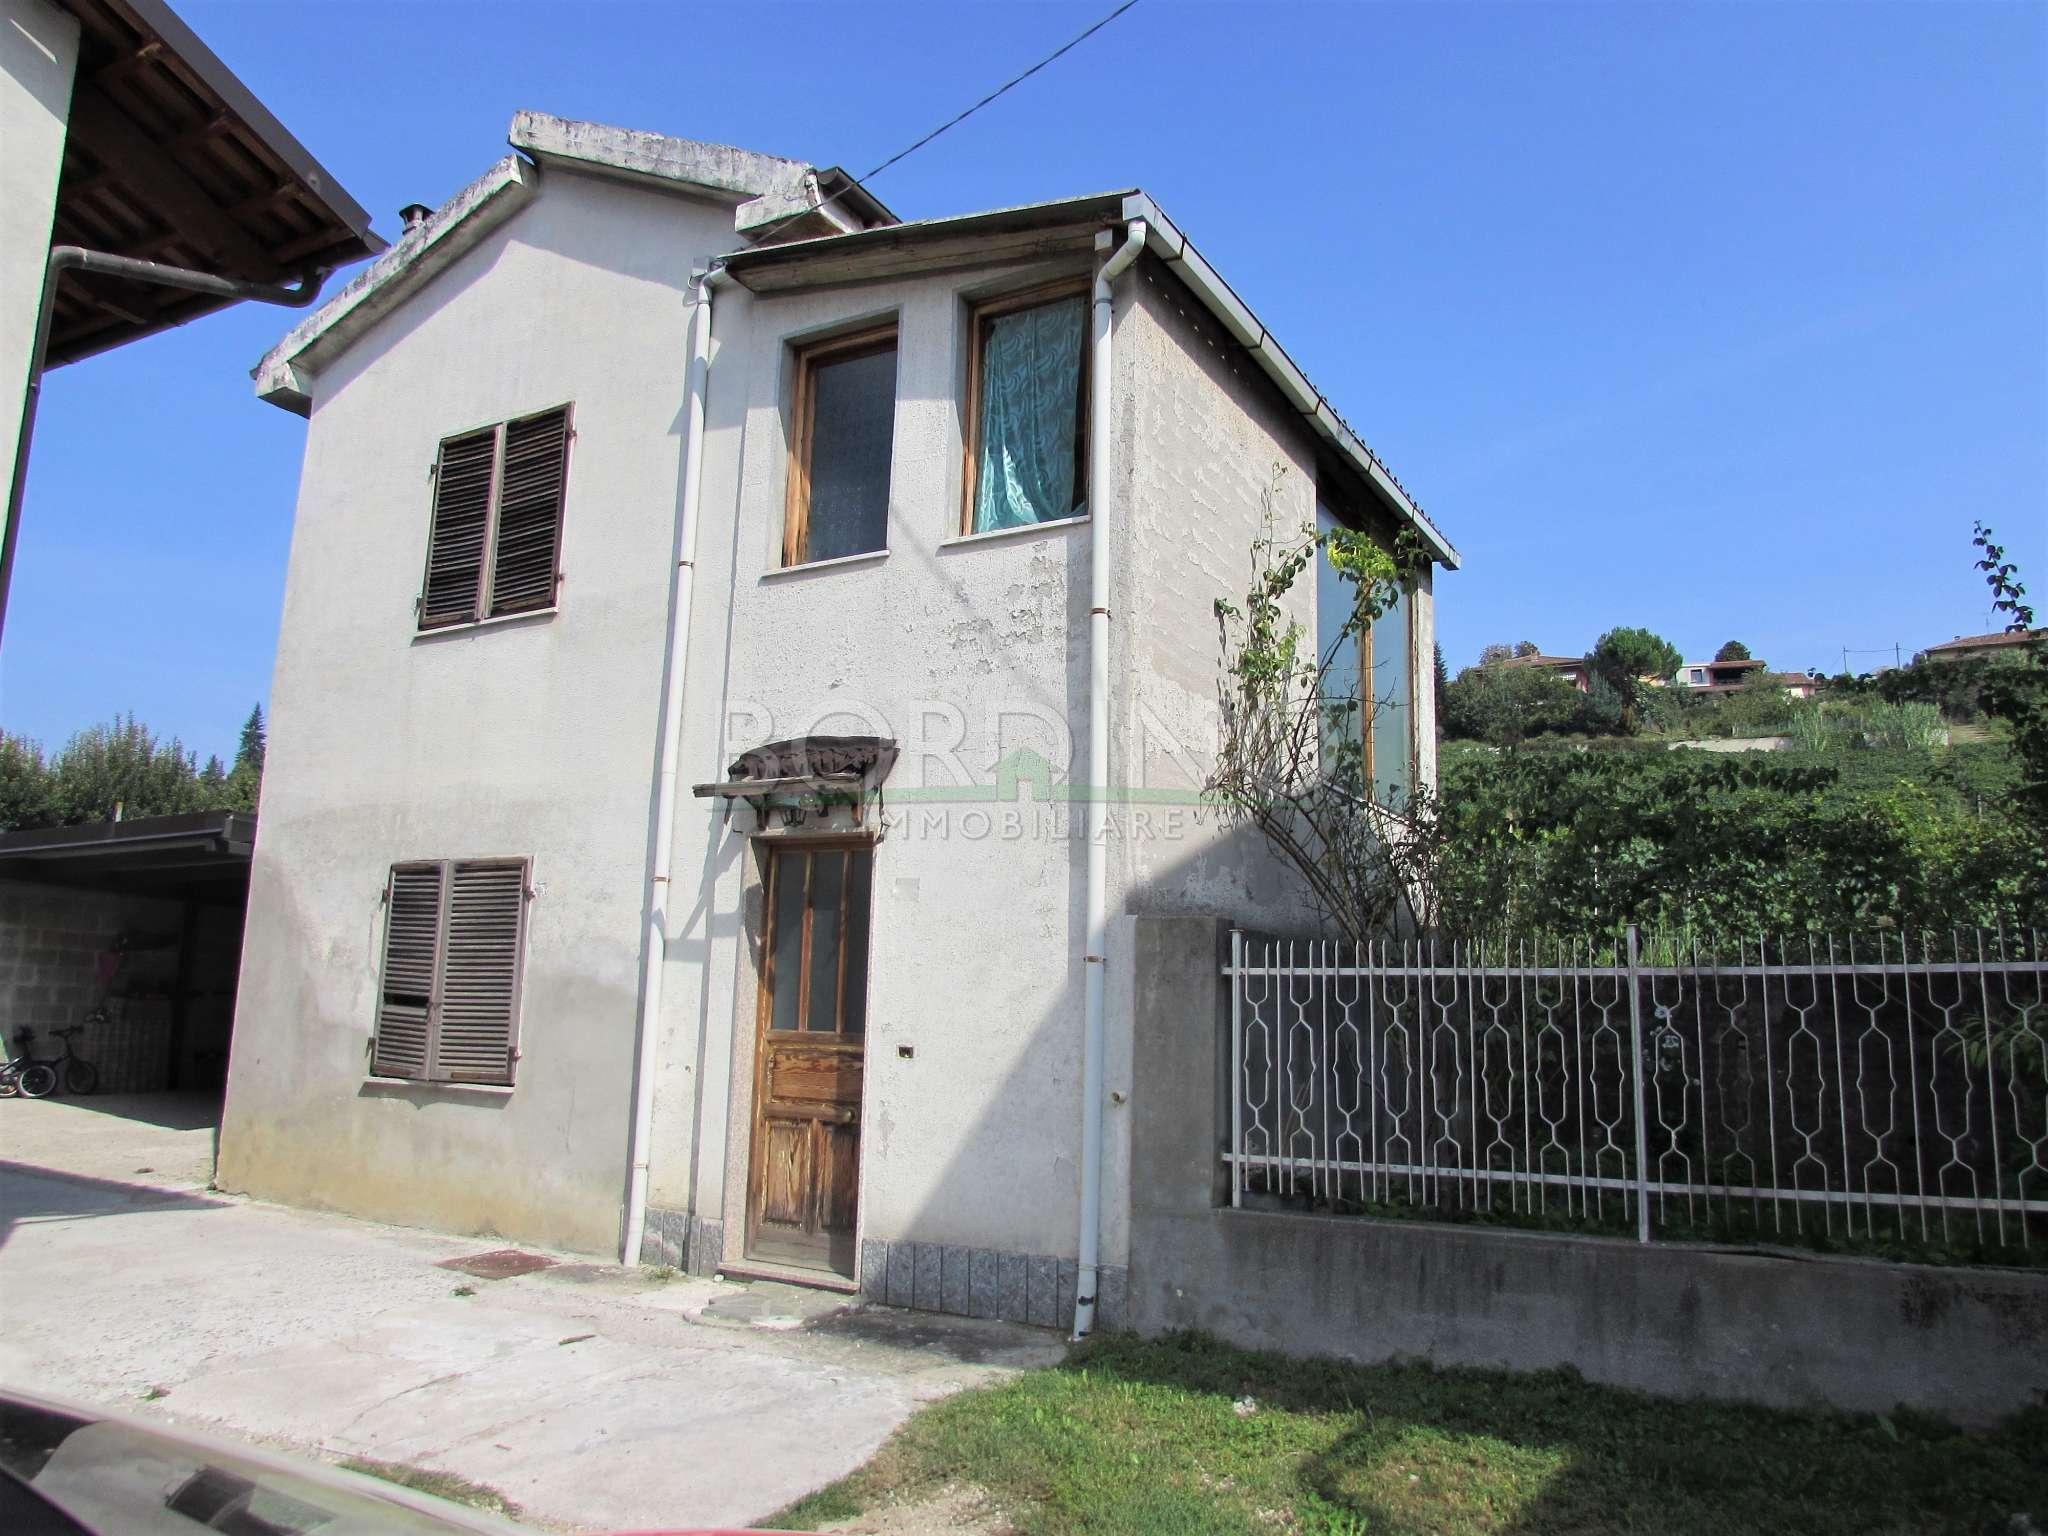 Soluzione Indipendente in vendita a Castagnito, 8 locali, prezzo € 50.000 | PortaleAgenzieImmobiliari.it